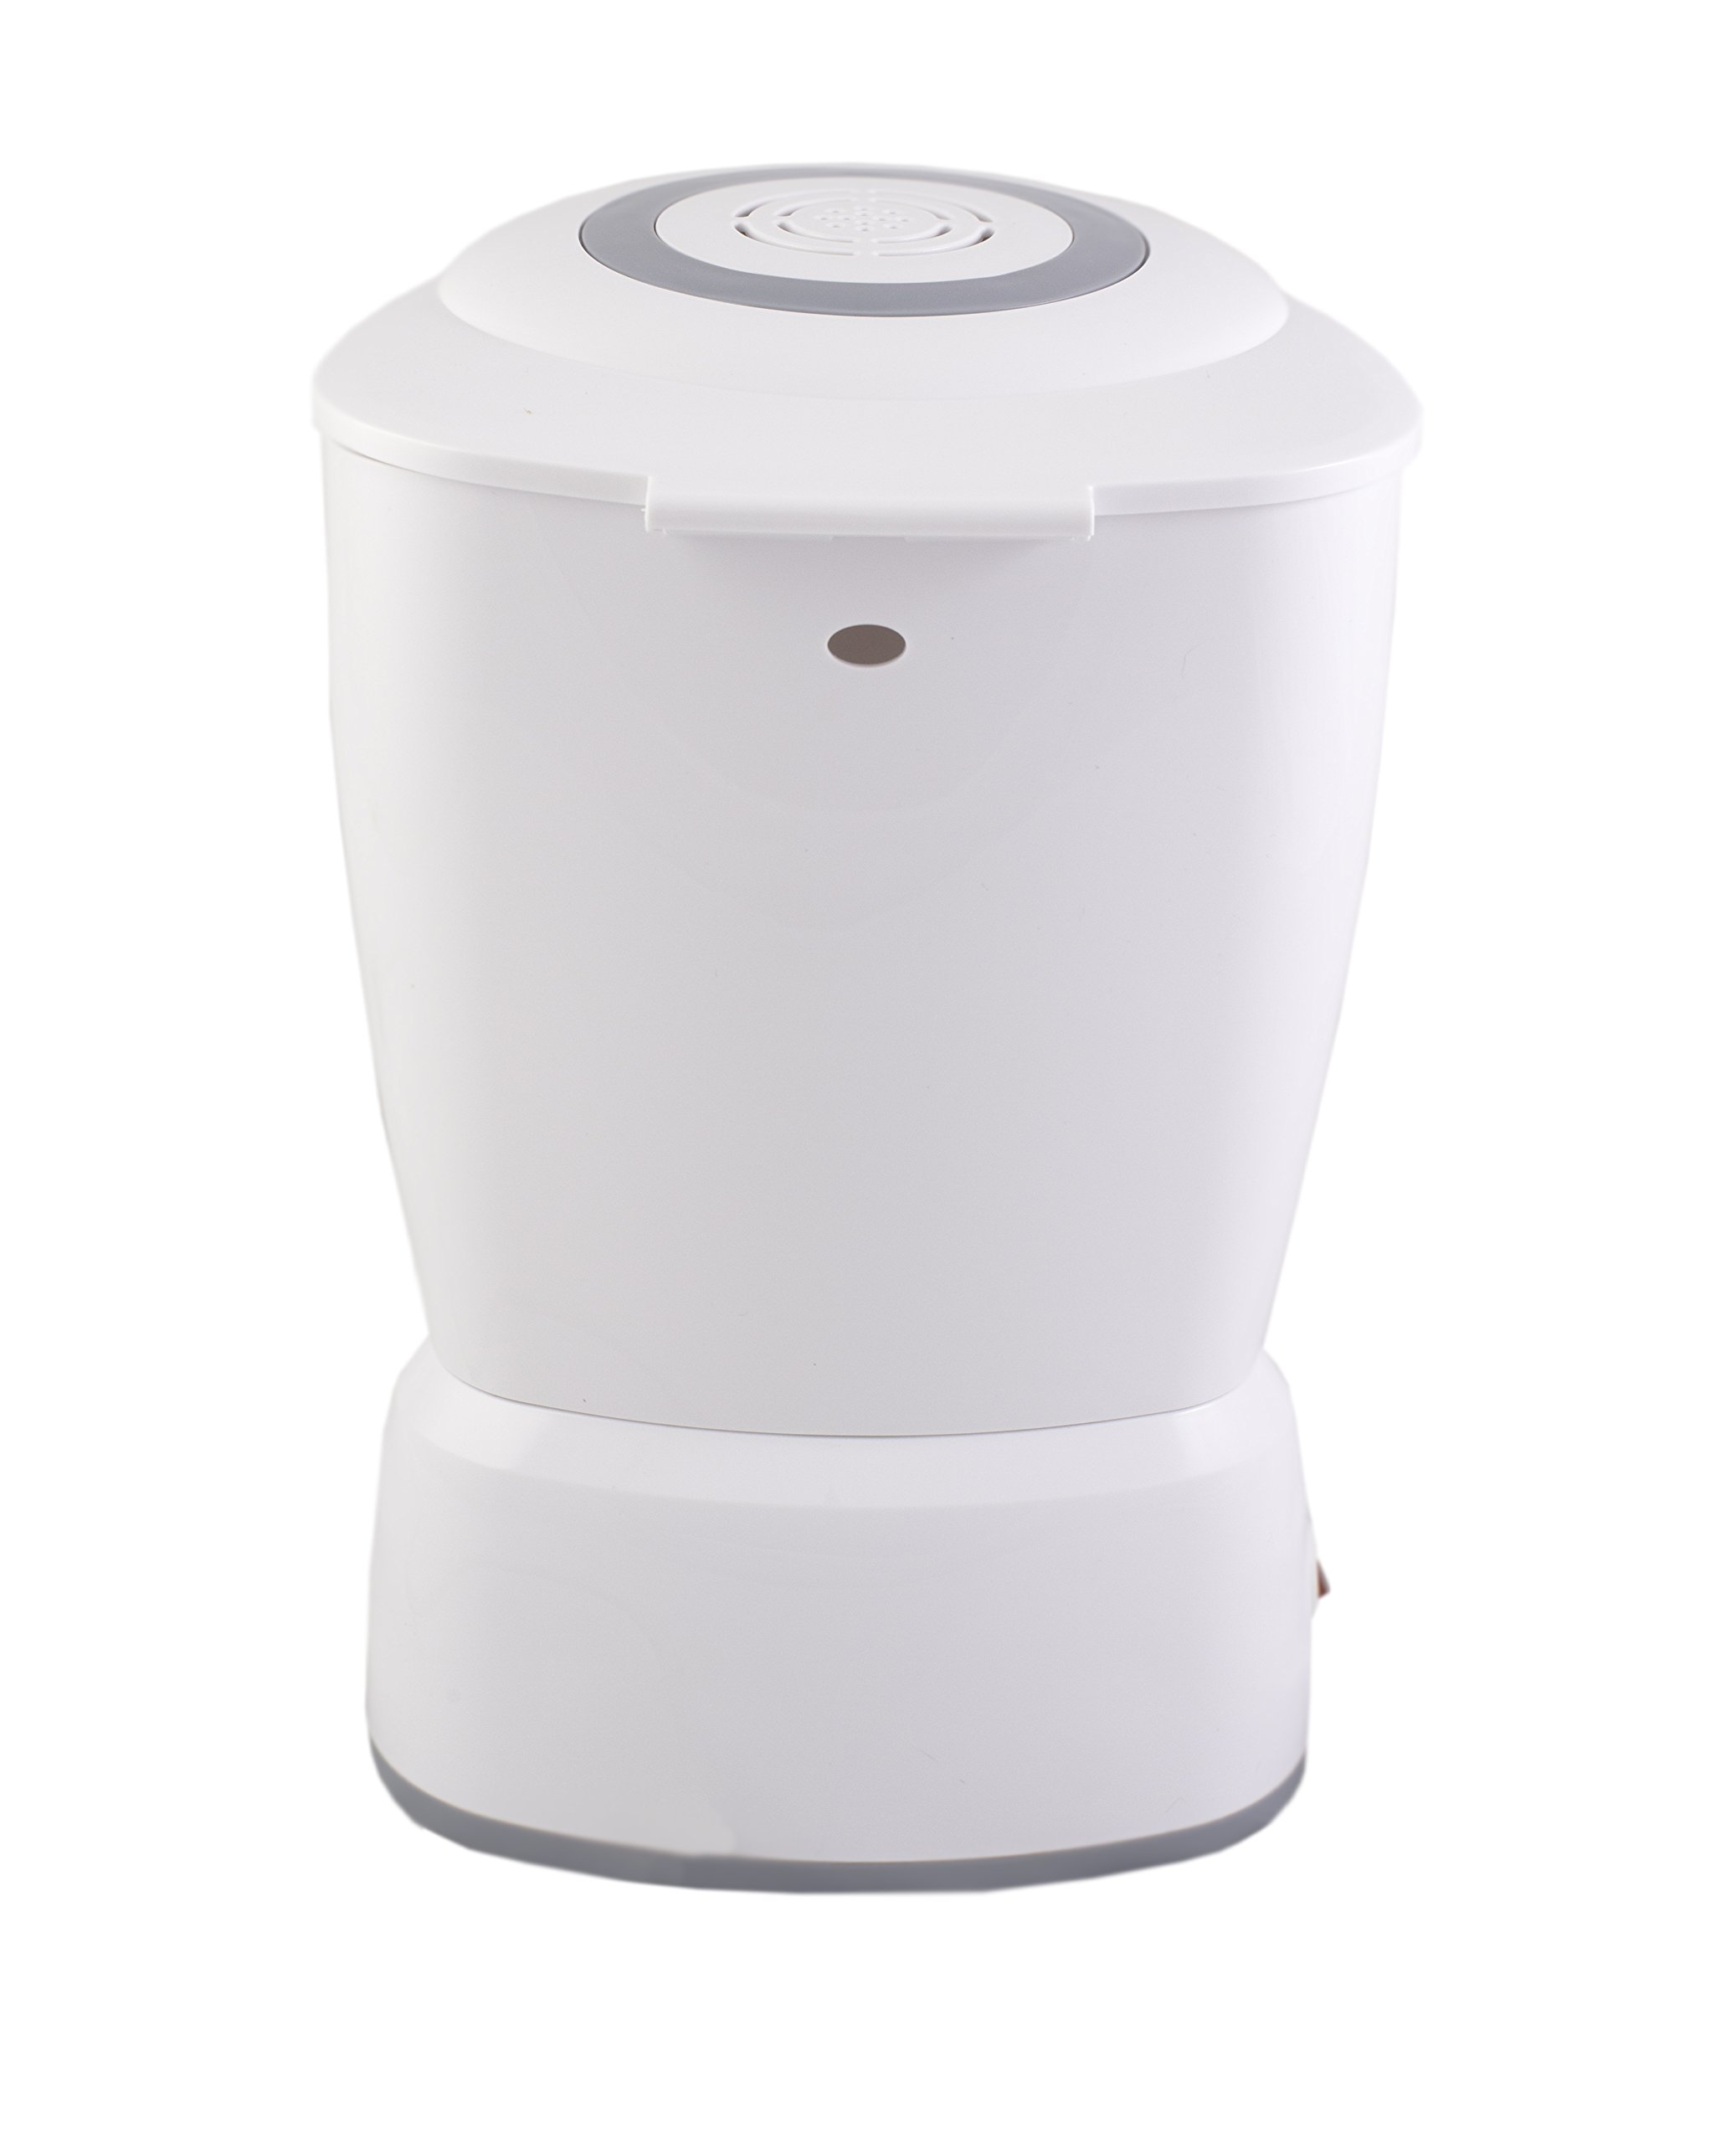 HOME-Essentials-Wasserkocher-WAK-9257-Set